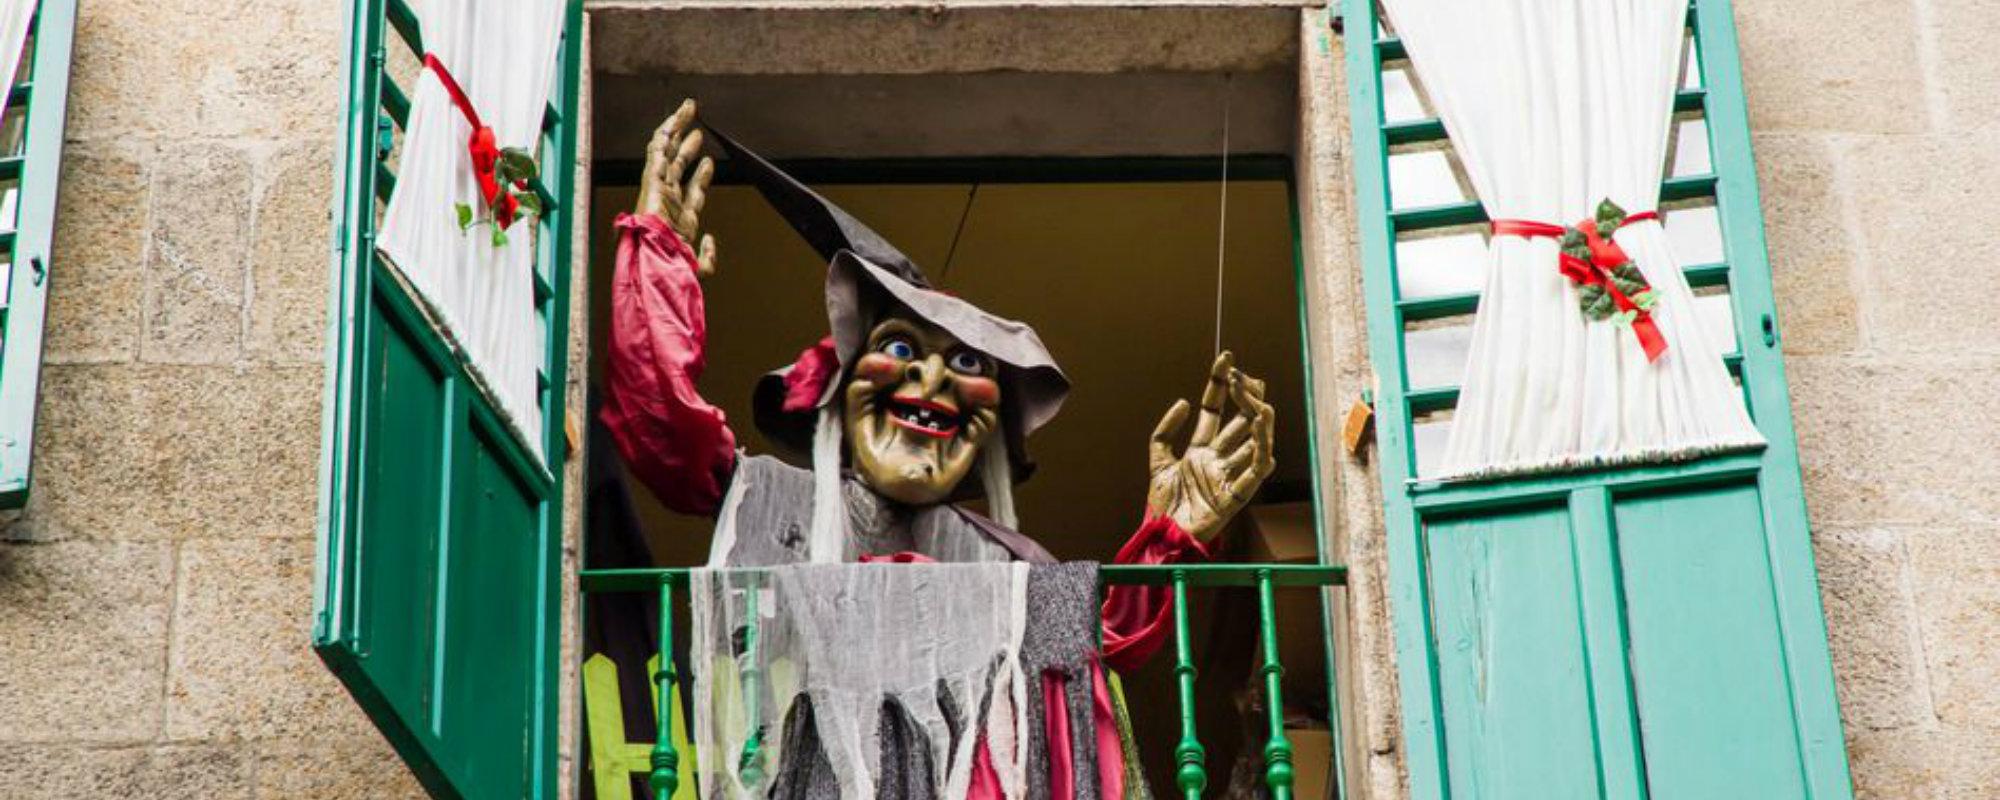 Ideas para visitar: Halloween en España Ideas para visitar: Halloween en España Galicia Halloween 1